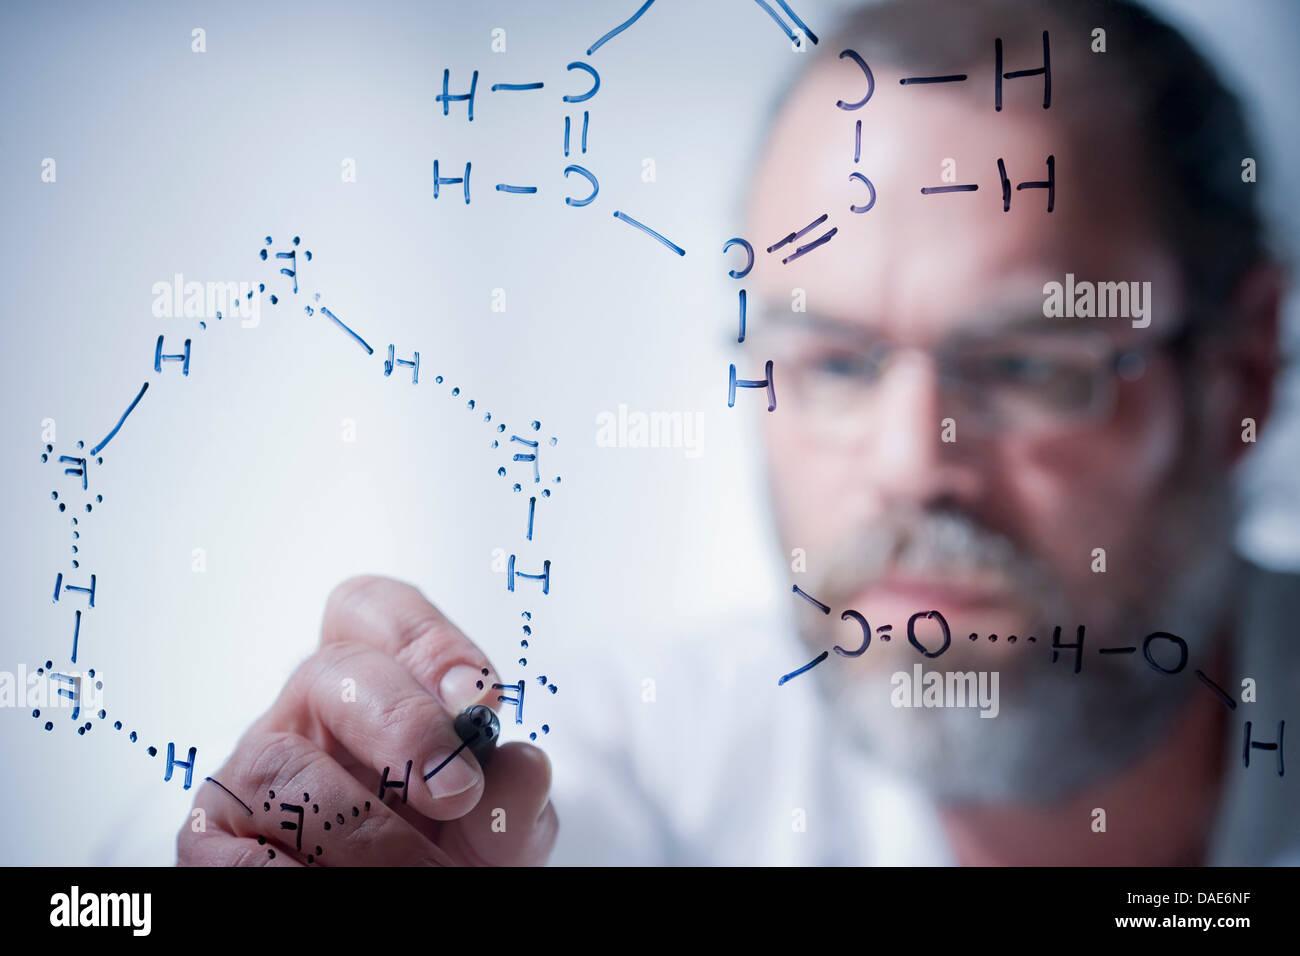 L'écriture scientifique des symboles scientifiques sur verre Banque D'Images